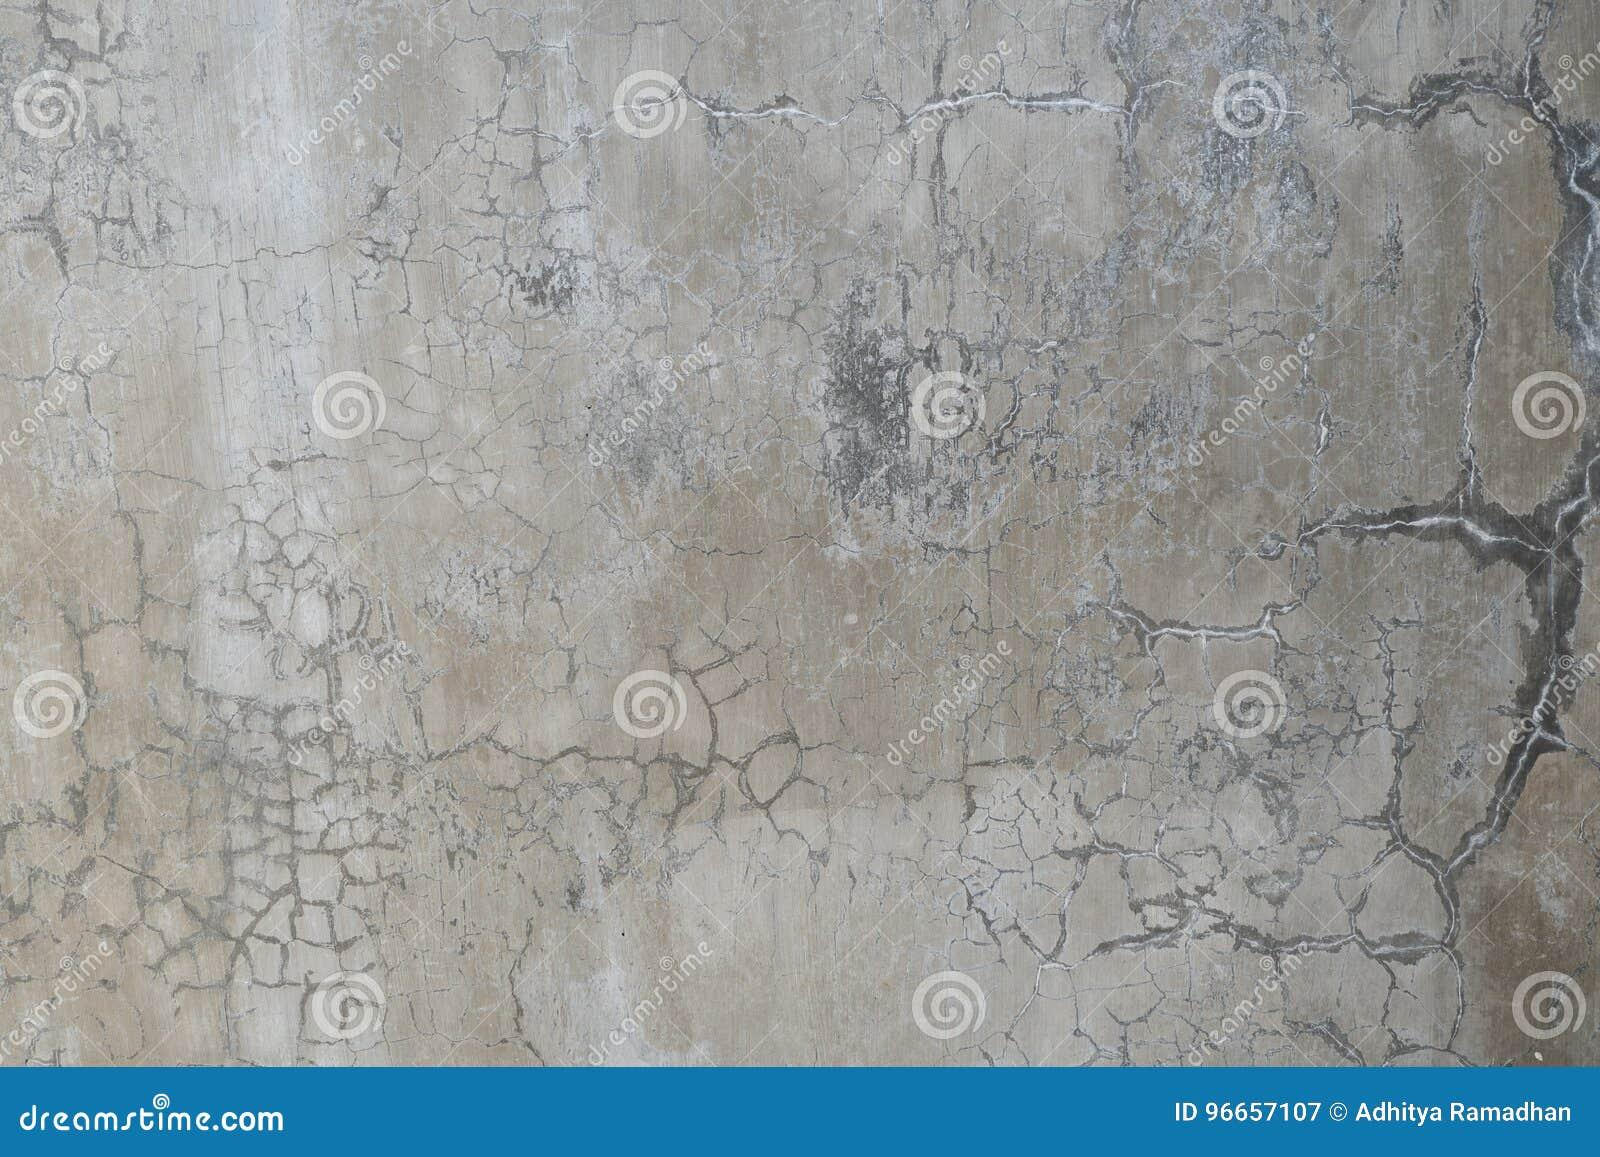 Schmutz-Wand-Beschaffenheiten